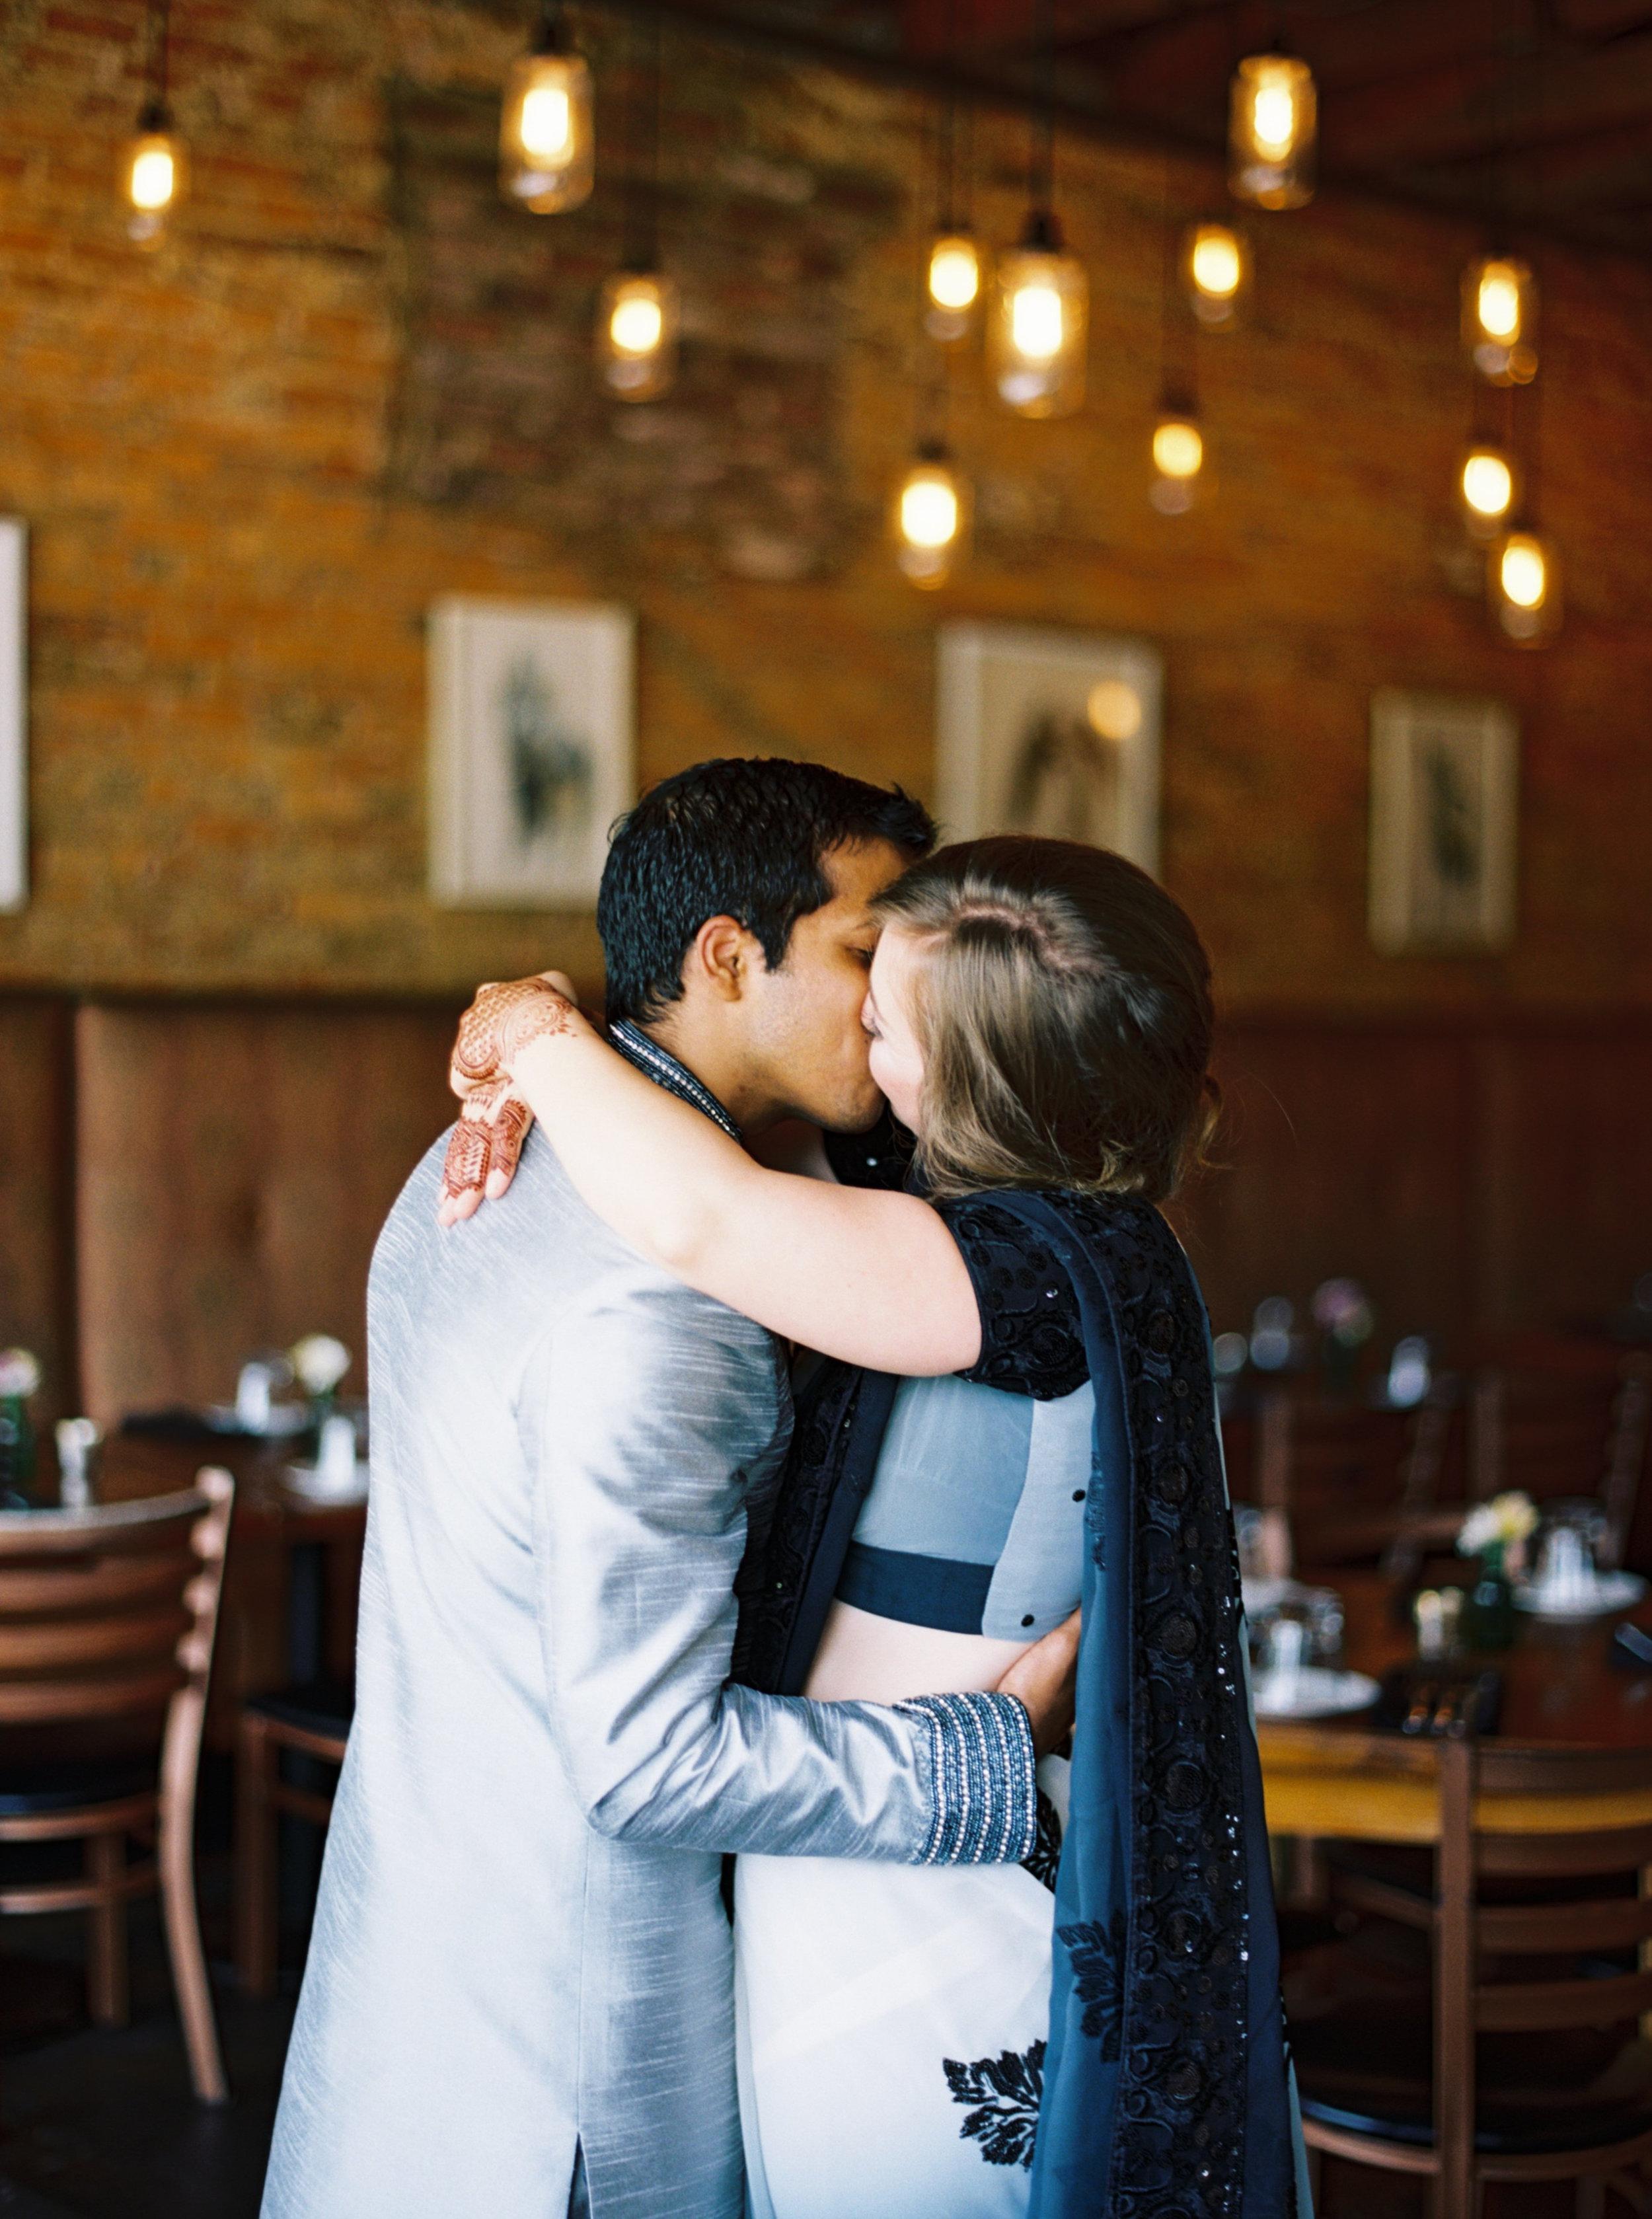 Wahoo_Grill_Atlanta_Indian_Wedding_Abigail_Malone_Photgoraphy_FIlm-121.jpg